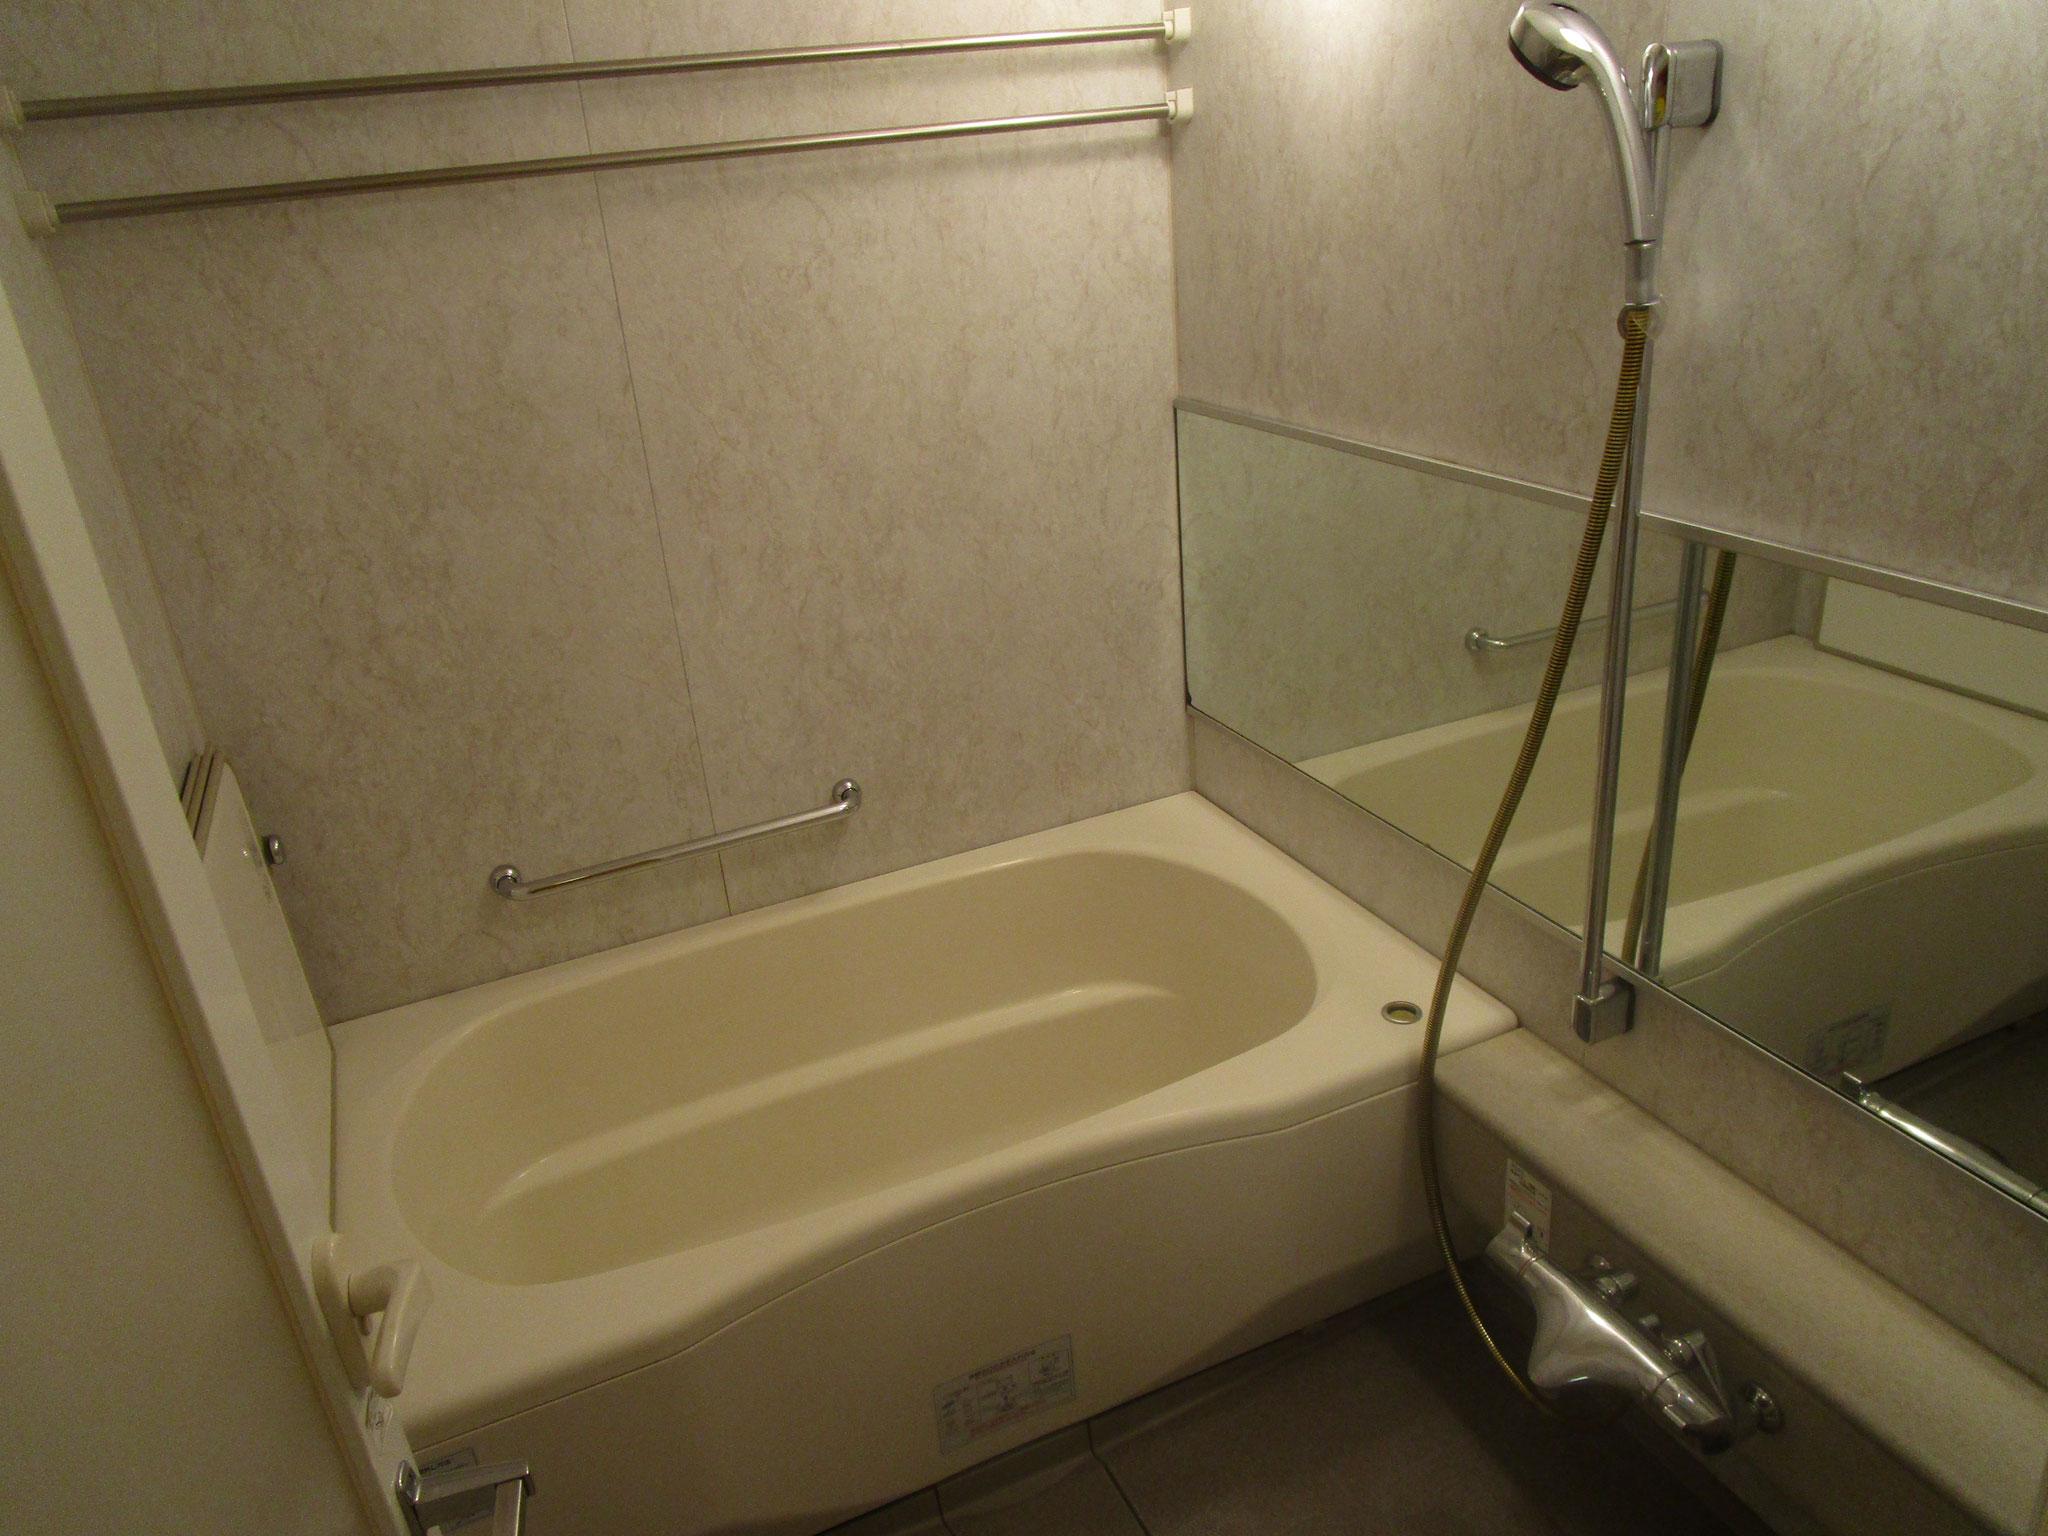 浴室(フルオートバス・浴室暖房乾燥機付き)